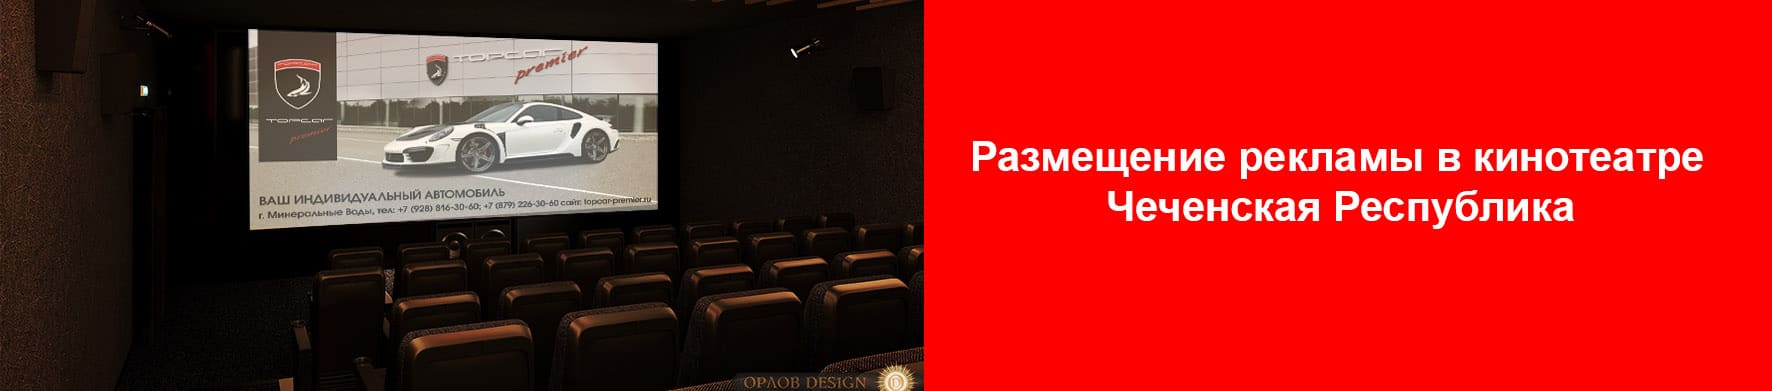 Реклама в кинотеатре Грозный